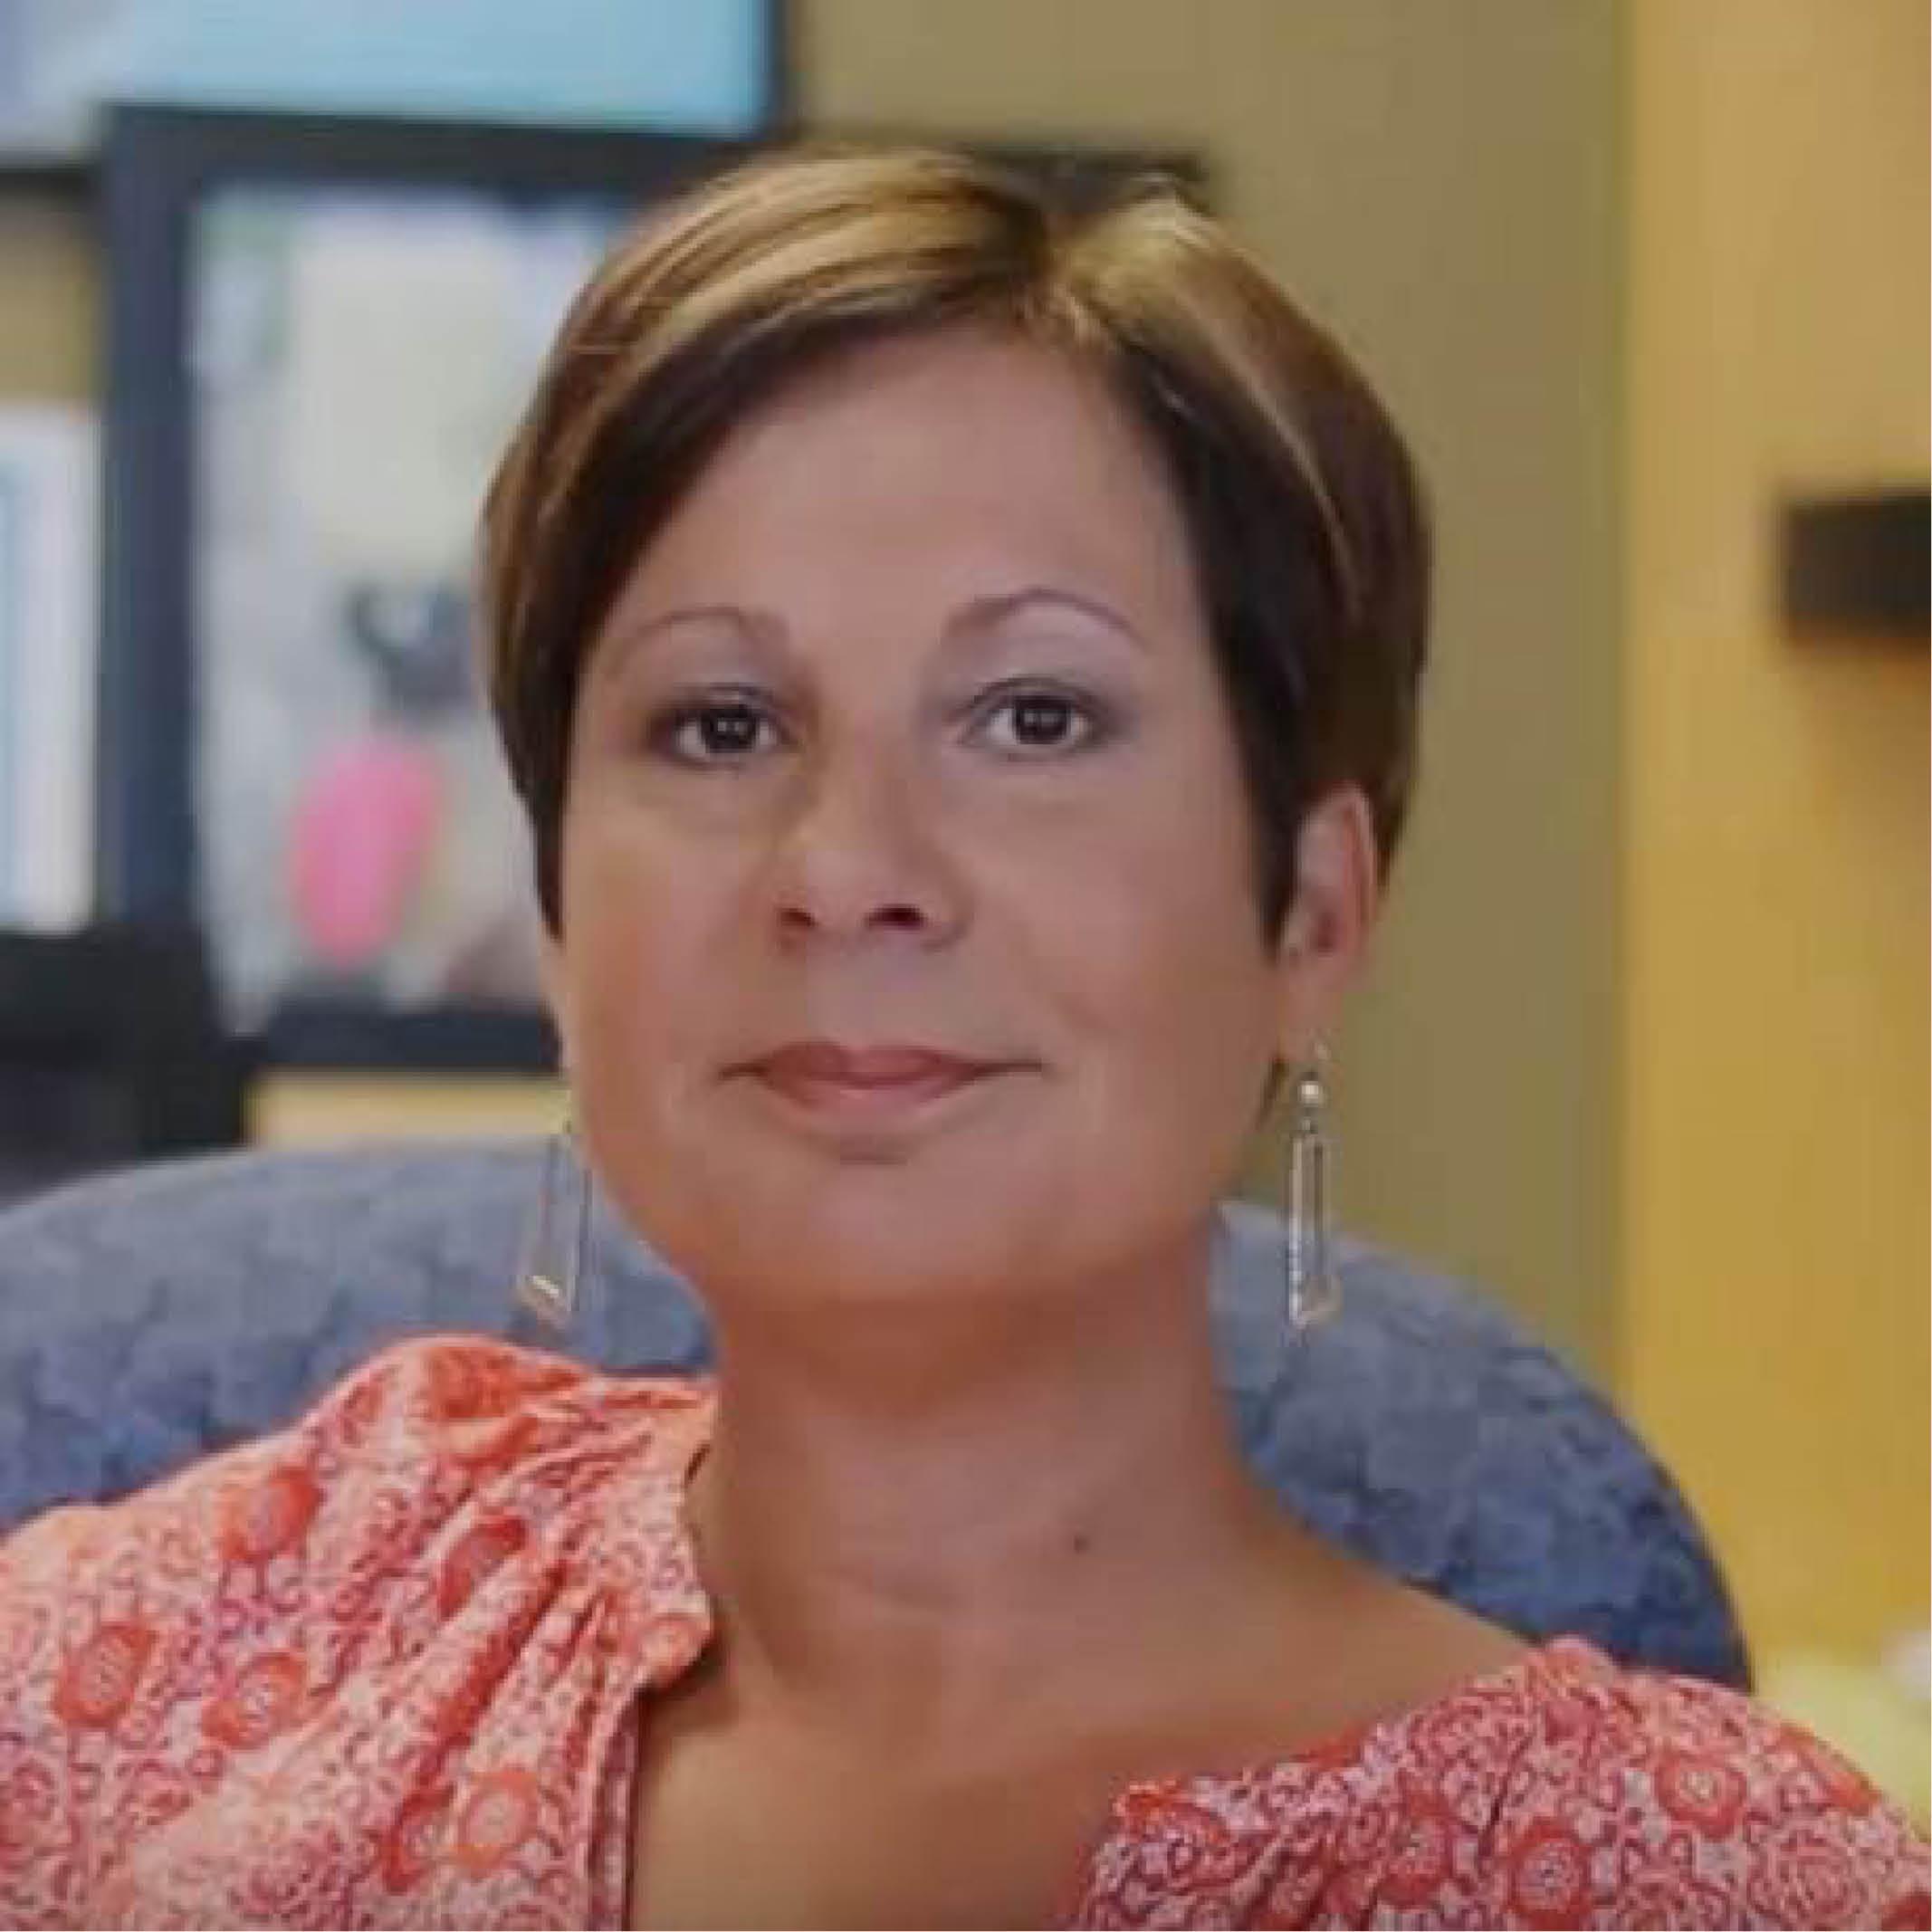 Leah Barker